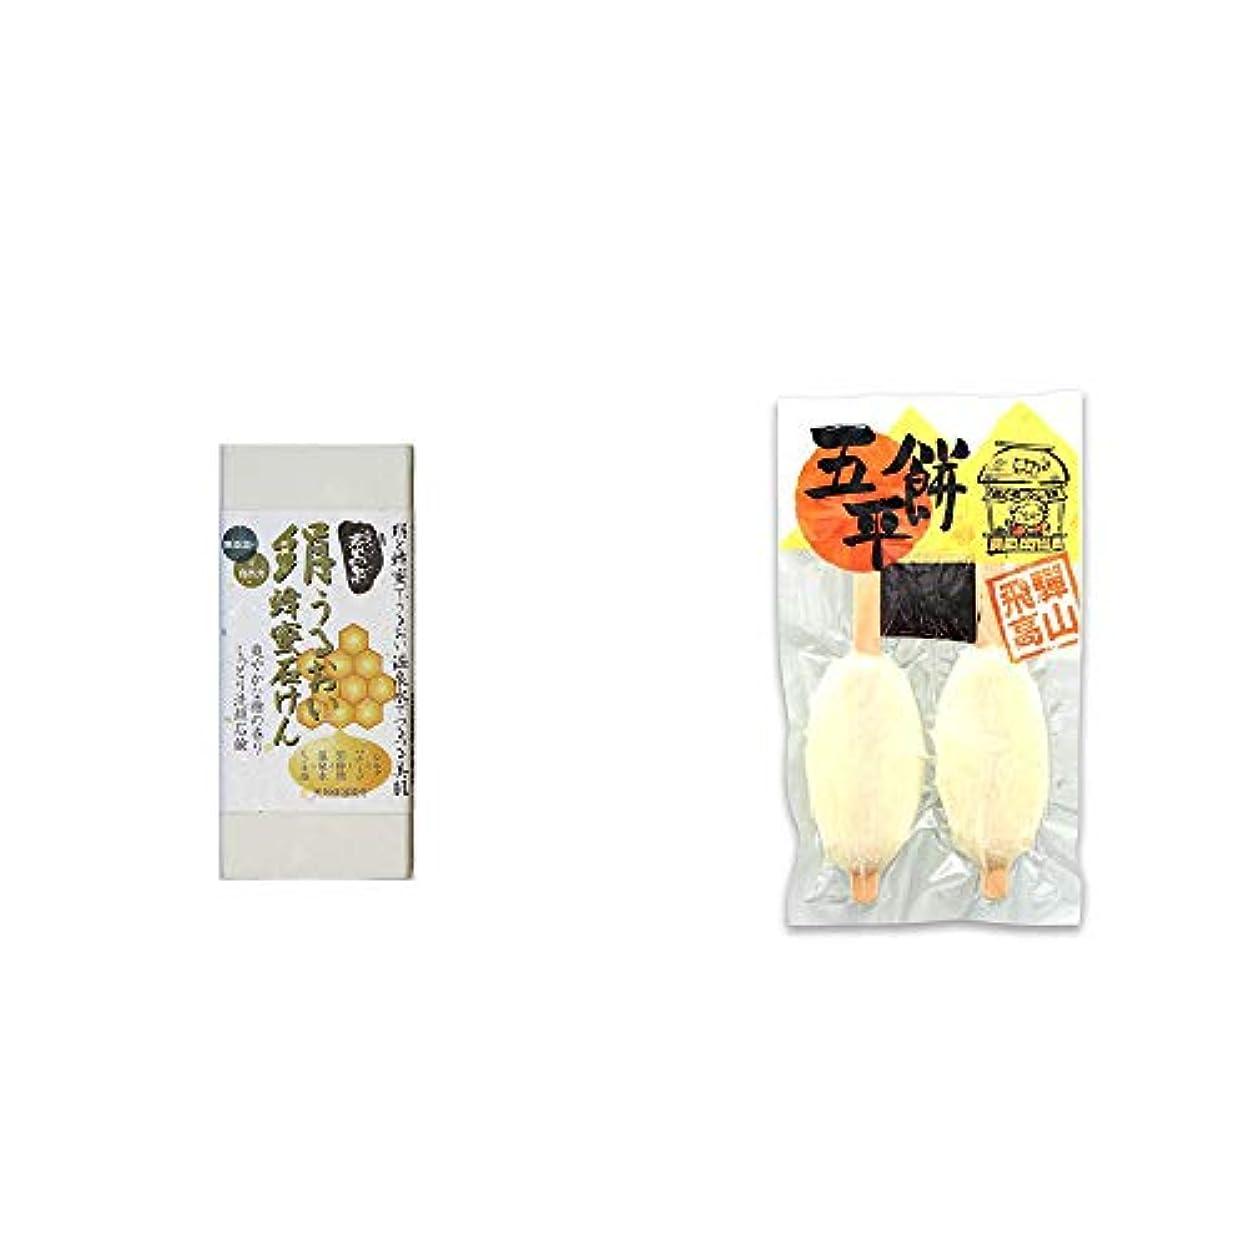 干し草所有者材料[2点セット] ひのき炭黒泉 絹うるおい蜂蜜石けん(75g×2)?飛騨高山 木や 五平餅(2本入)